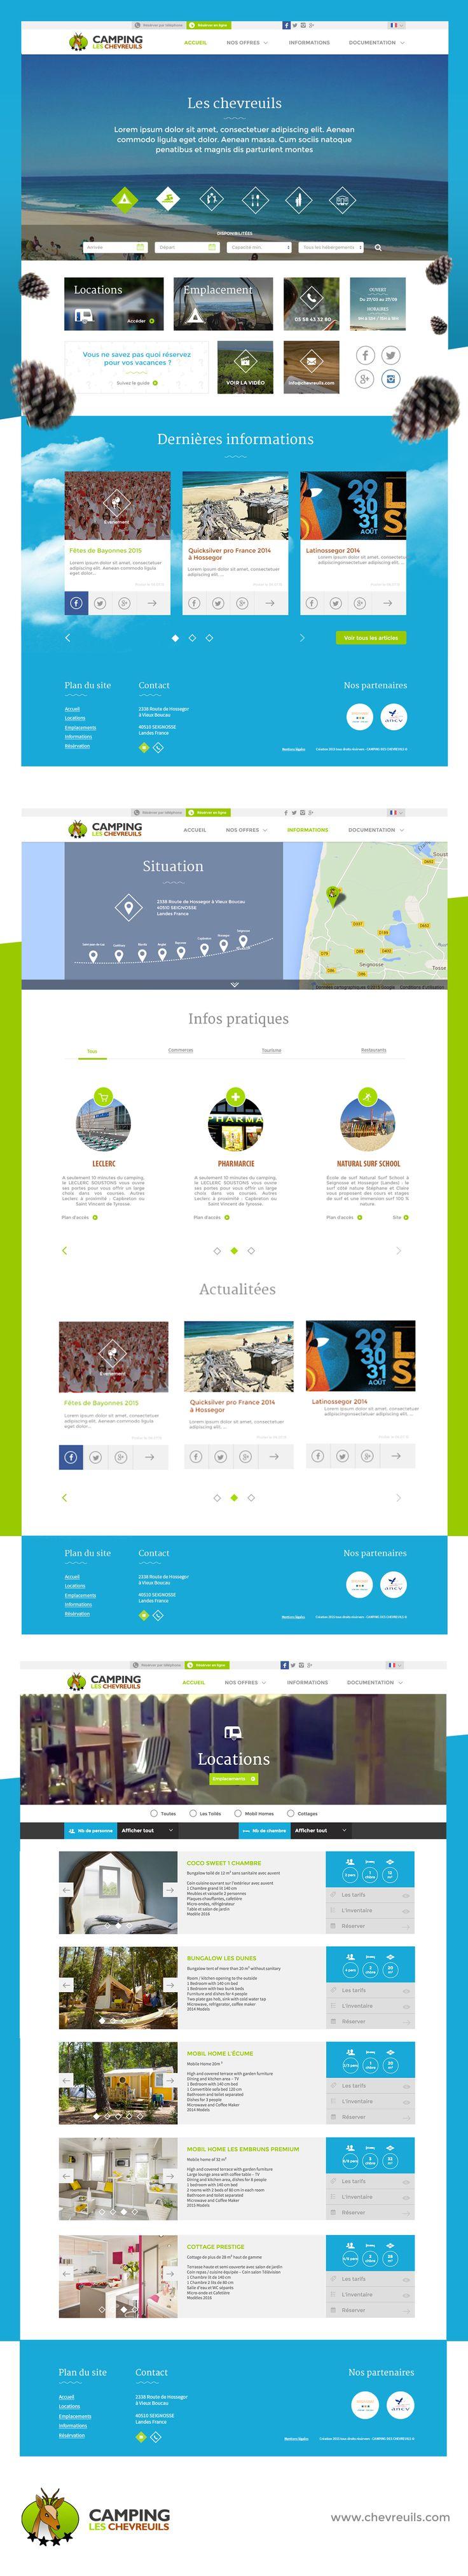 Site web du camping les chevreuils. www.chevreuils.com  Webdesign : Robin Lopez Développement : Benoit Vo-Van  #webdesign #ux #ui #site #web